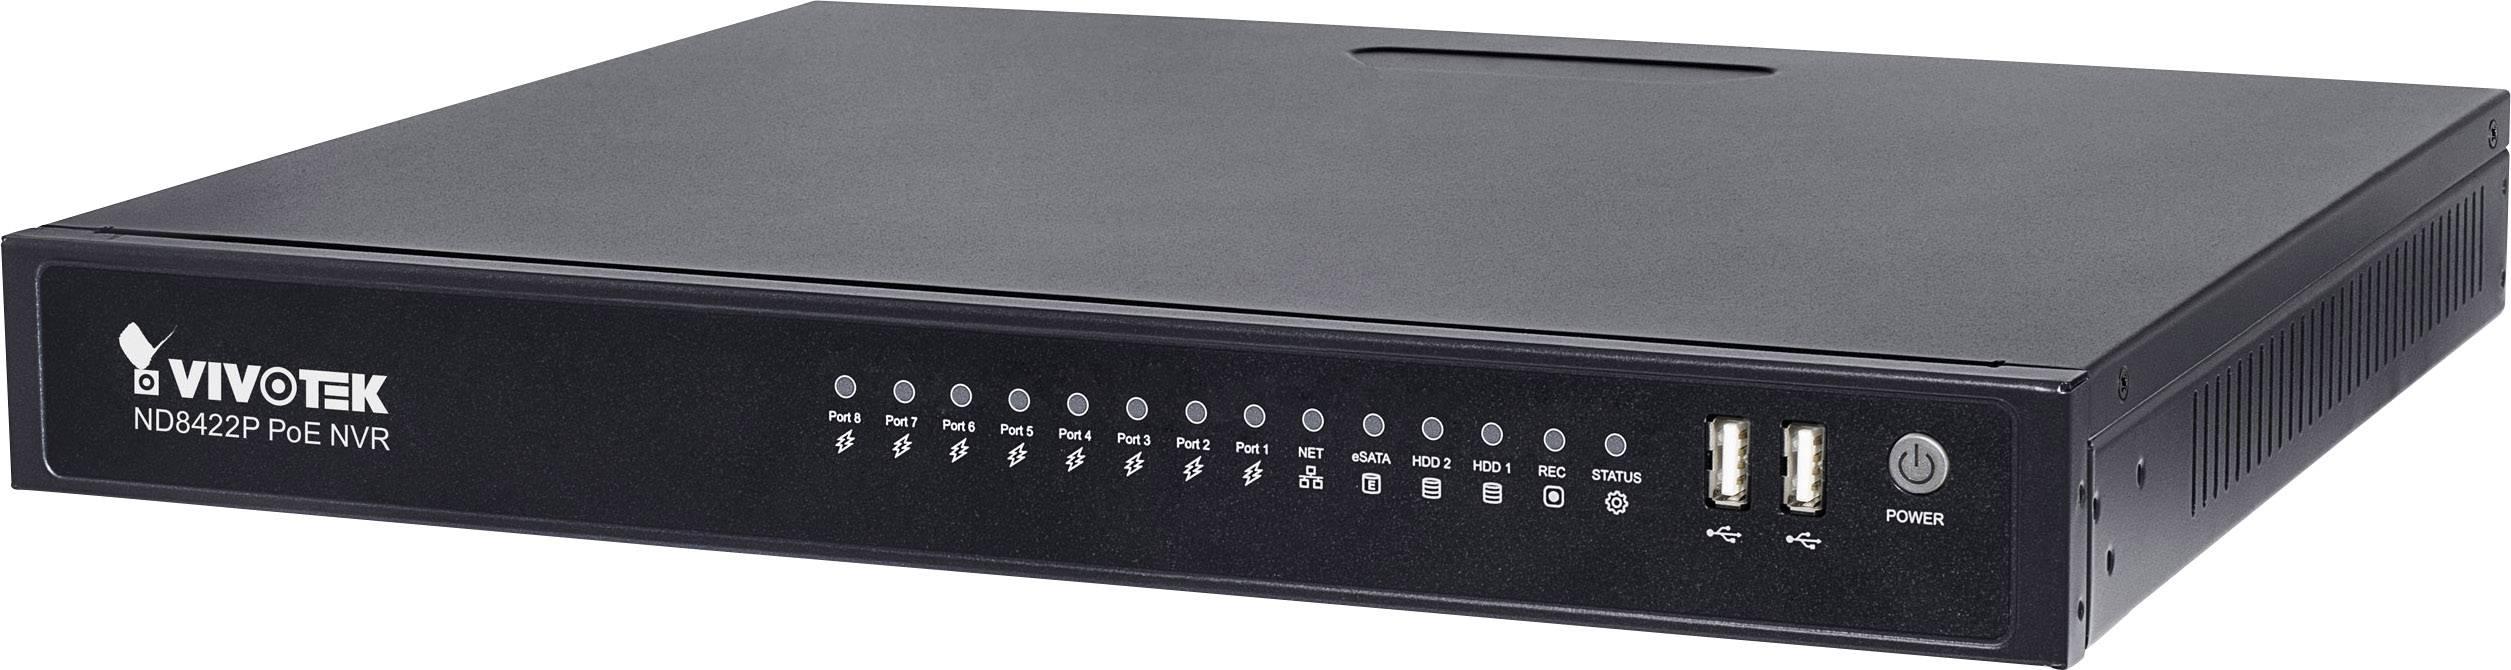 Síťový IP videorekordér (NVR) pro bezp. kamery Vivotek ND8422P, 16kanálový